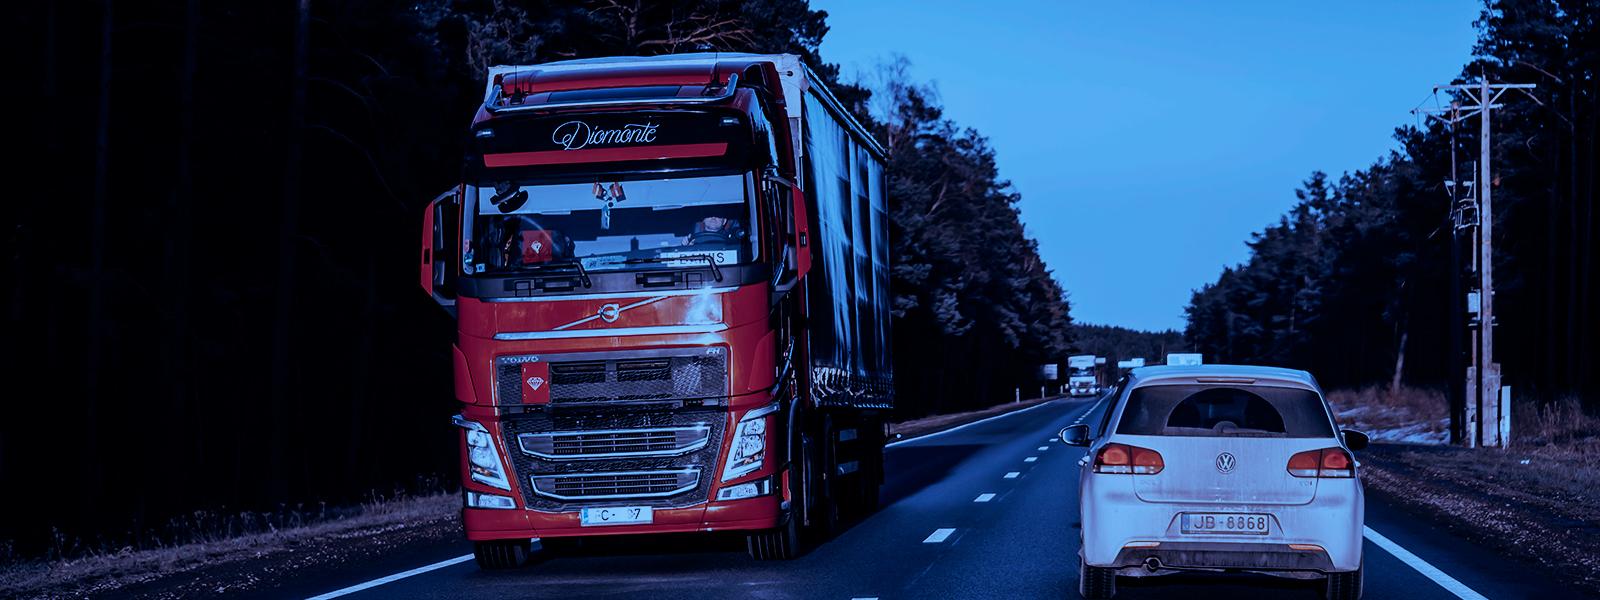 Caminhão percorrendo estrada